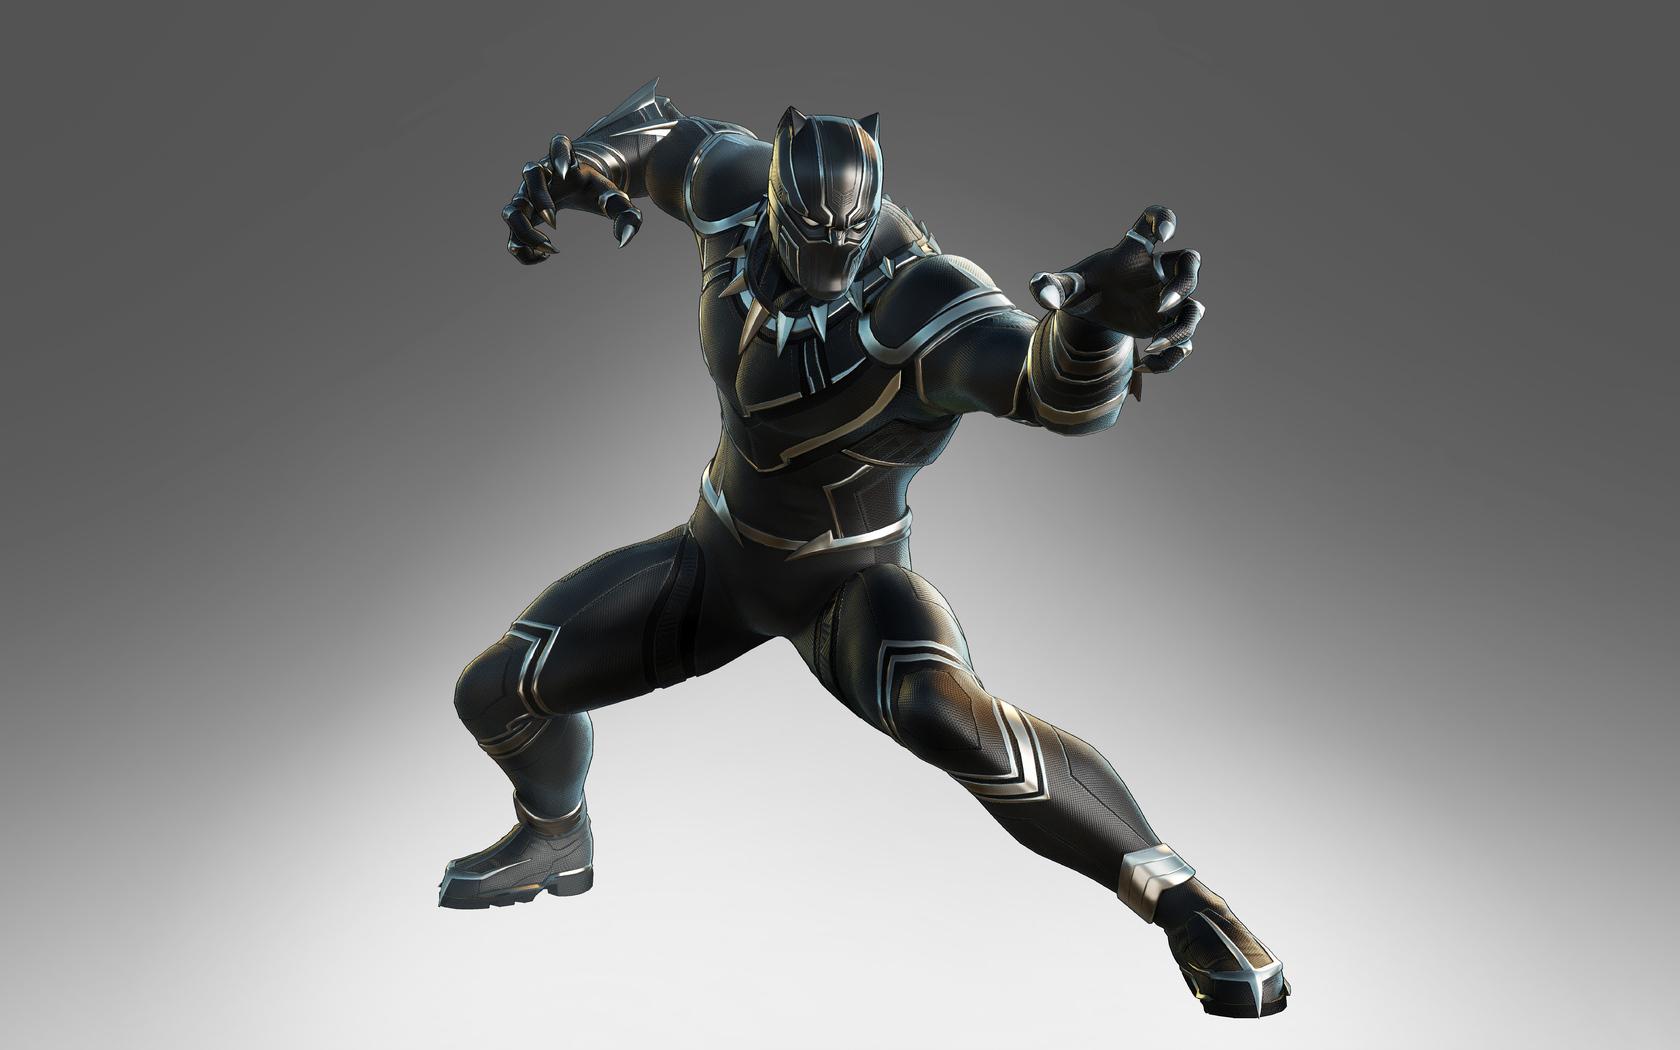 marvel-ultimate-alliance-3-2019-black-panther-bx.jpg